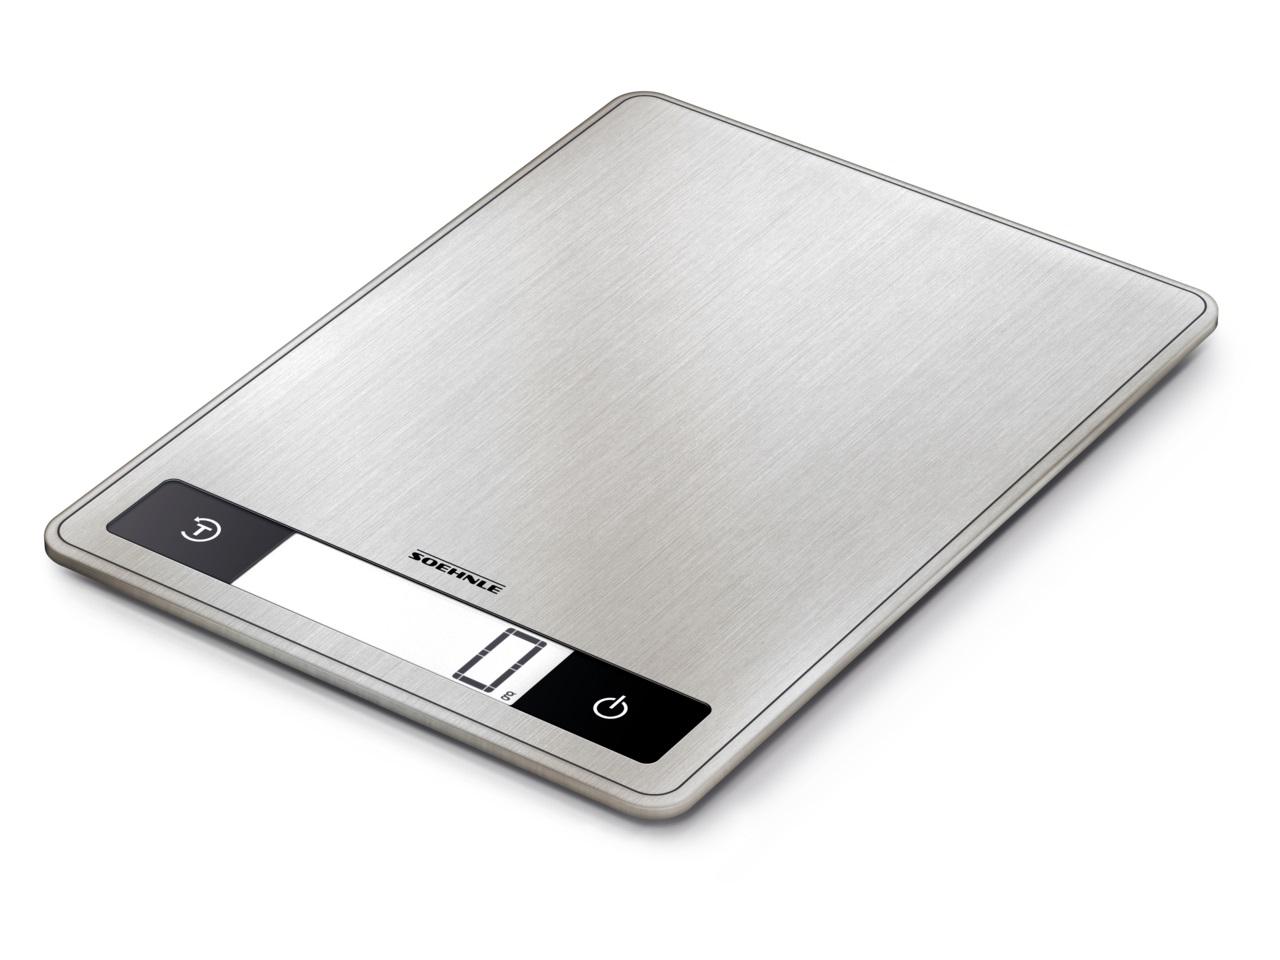 Soehnle Elektroniskie virtuves svari Page Profi 200 virtuves svari